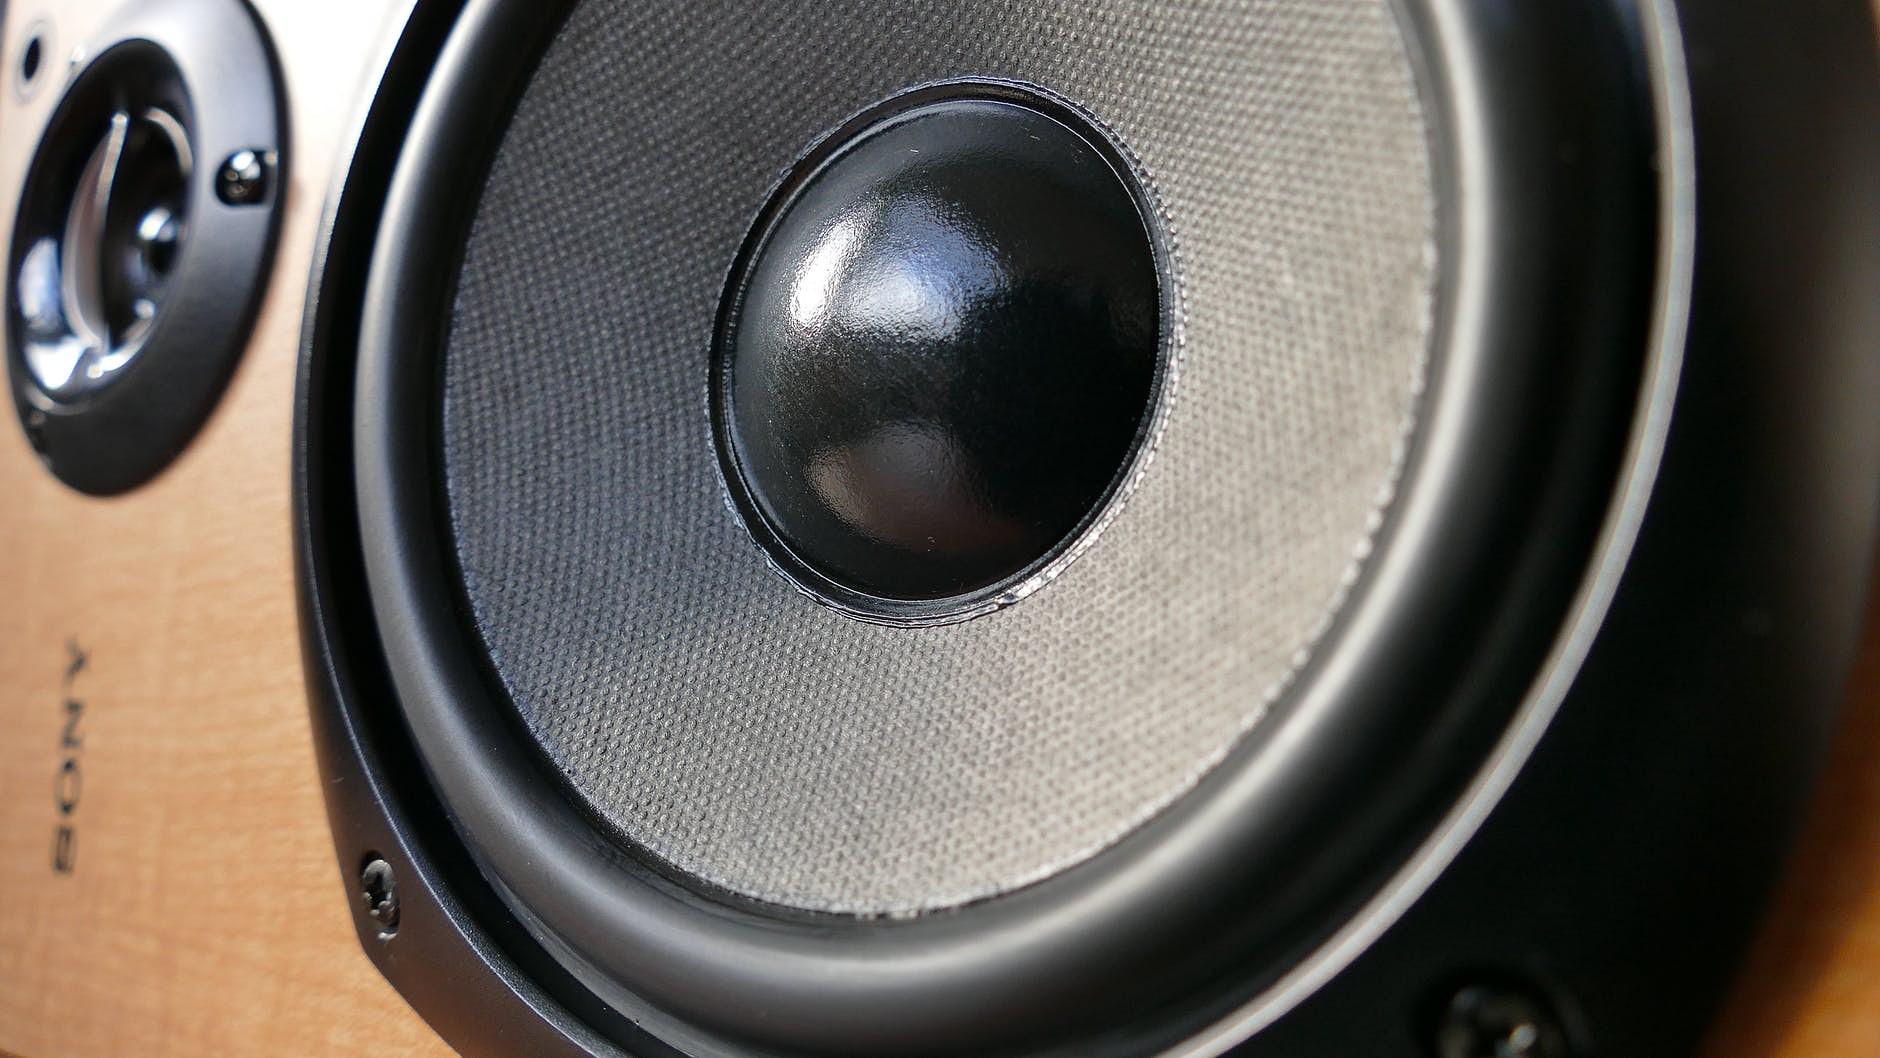 Mūziku drīkst klausīties tikai tad, ja tas nevienam netraucē